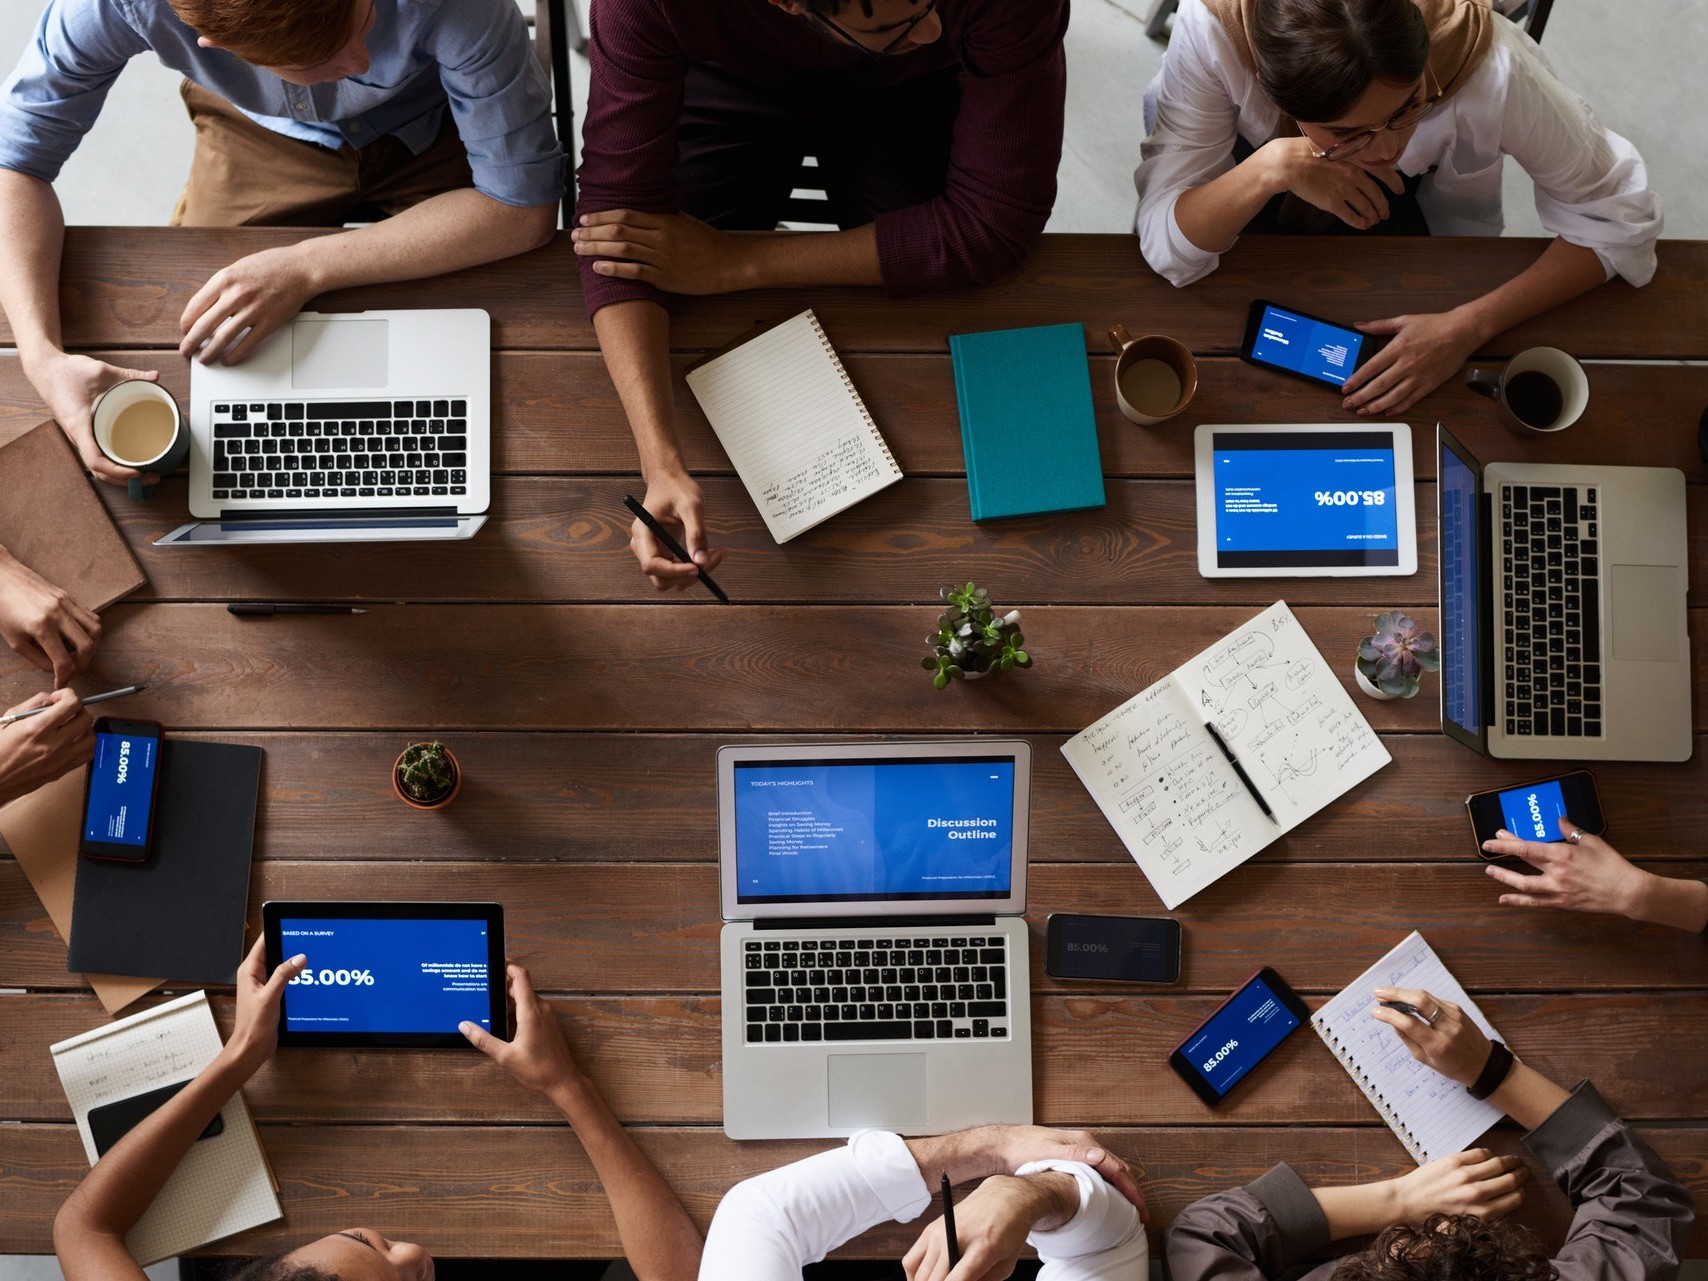 Blick von oben auf einen Schreibtisch, an dem acht Menschen in Teamwork arbeiten.